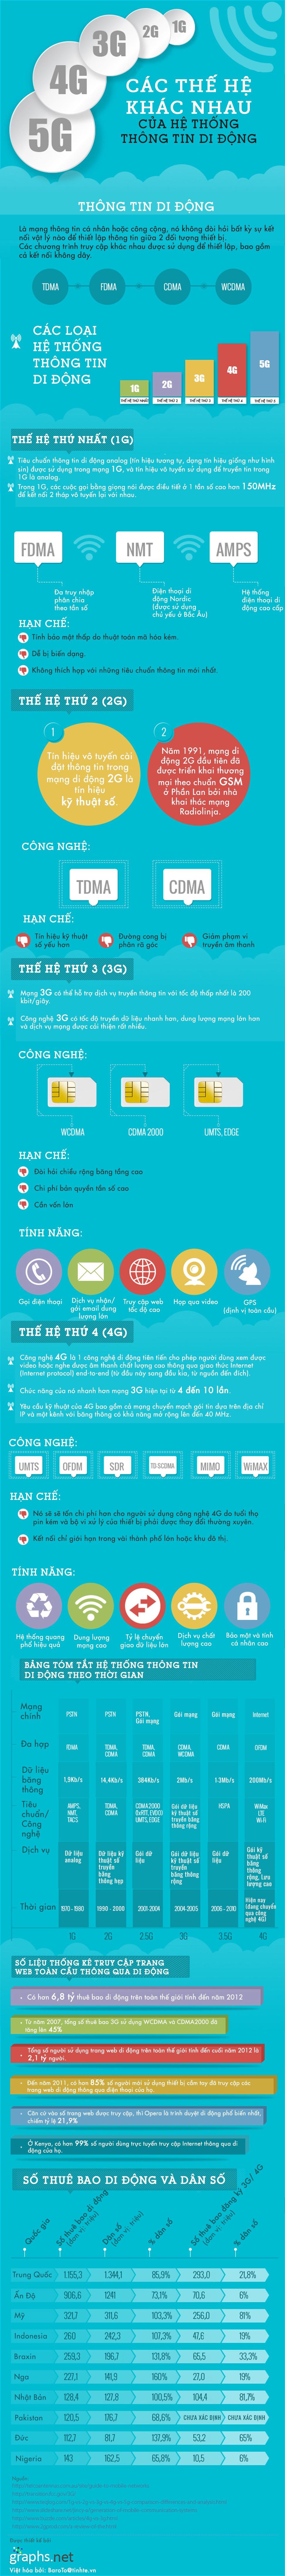 Tìm hiểu 1G, 2G, 3G, 4G, 5G... là gì?